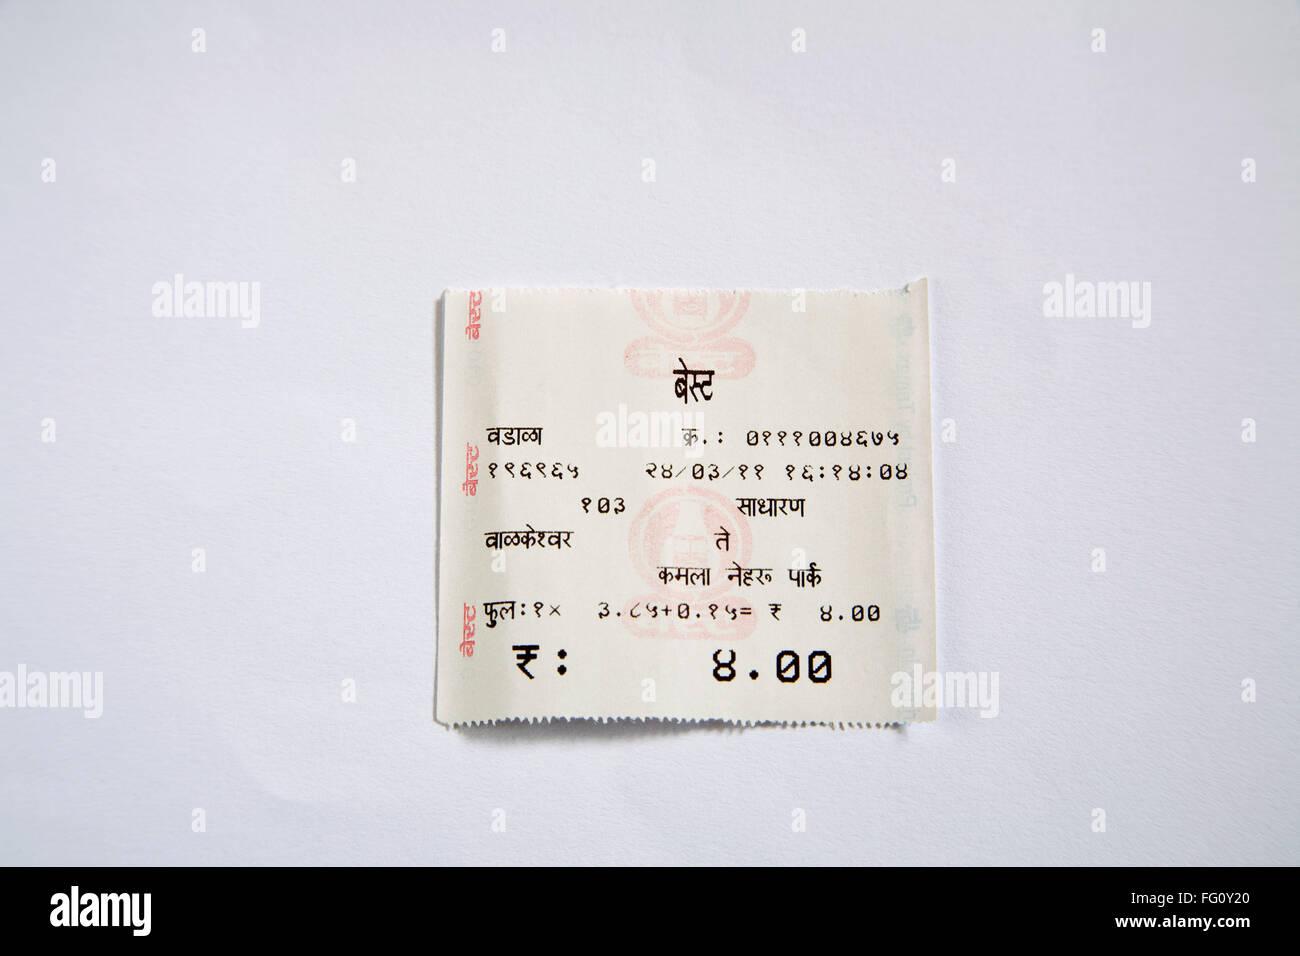 Electronic local best bus ticket mumbai Maharashtra india